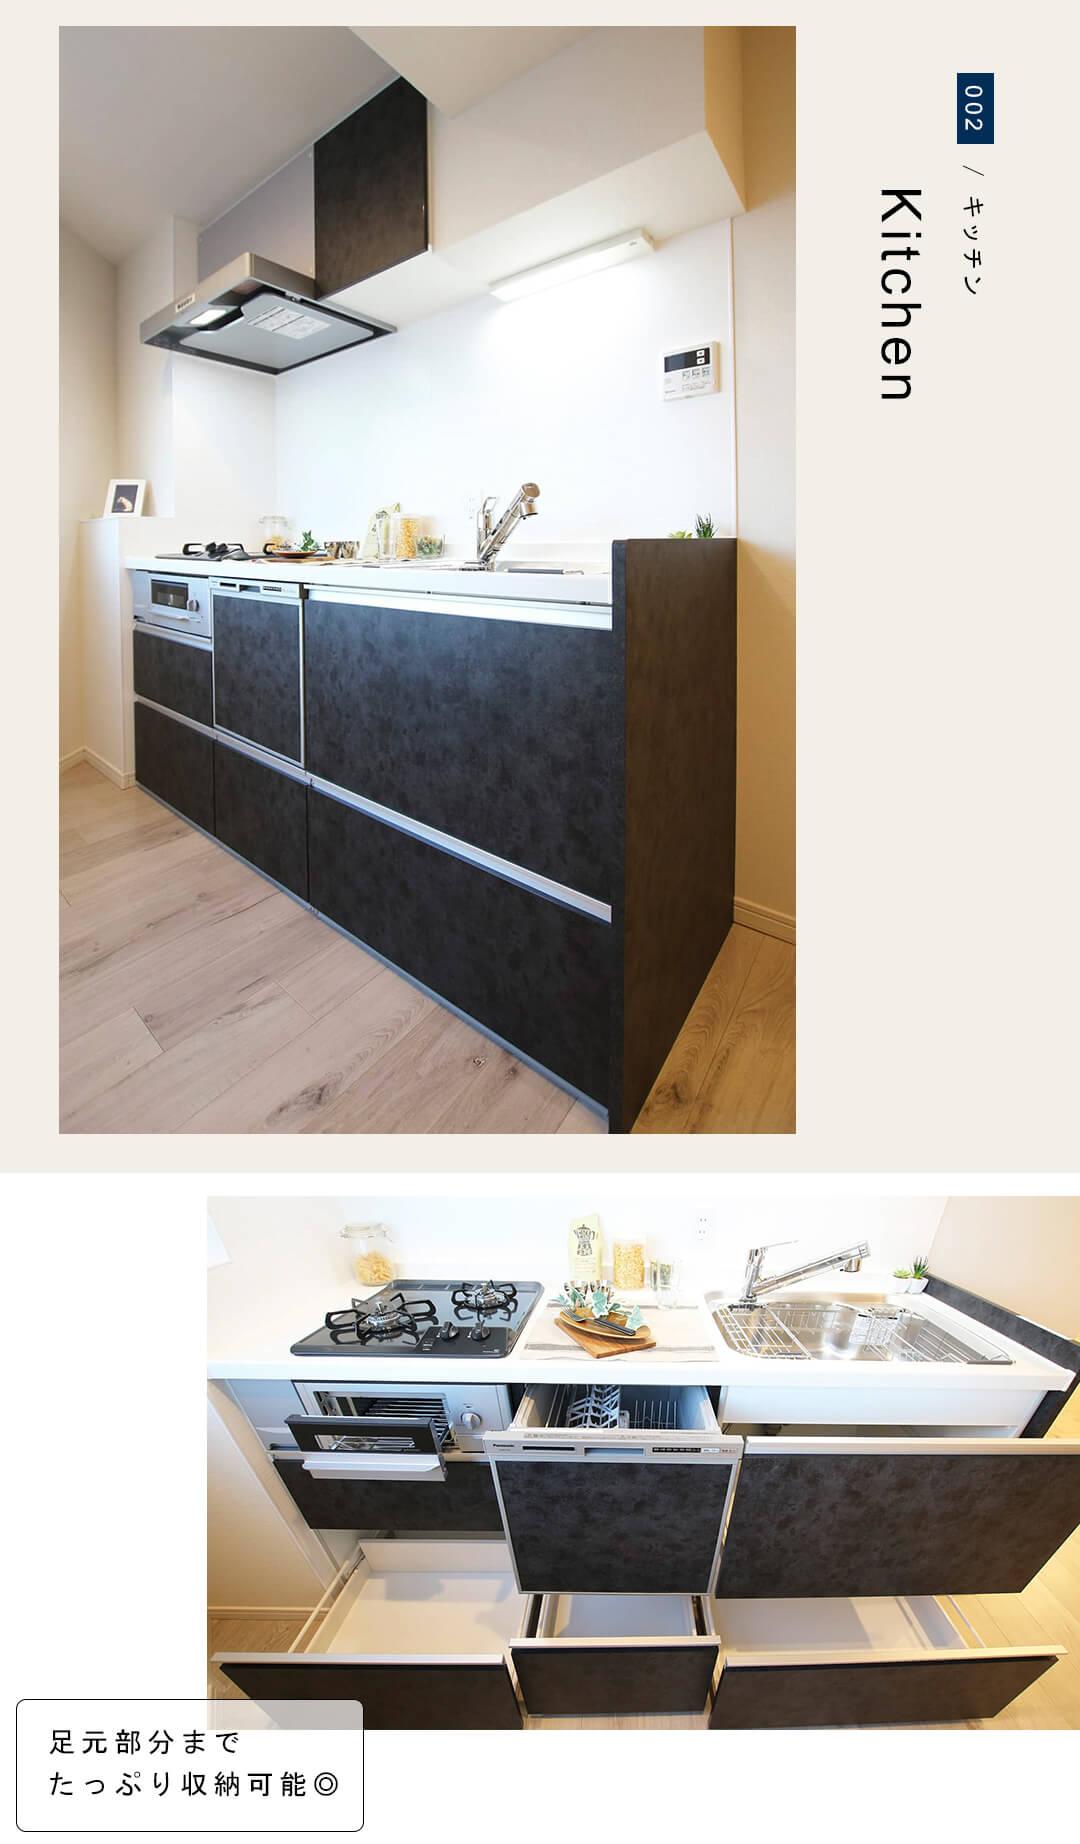 ワコーレ小石川のキッチン